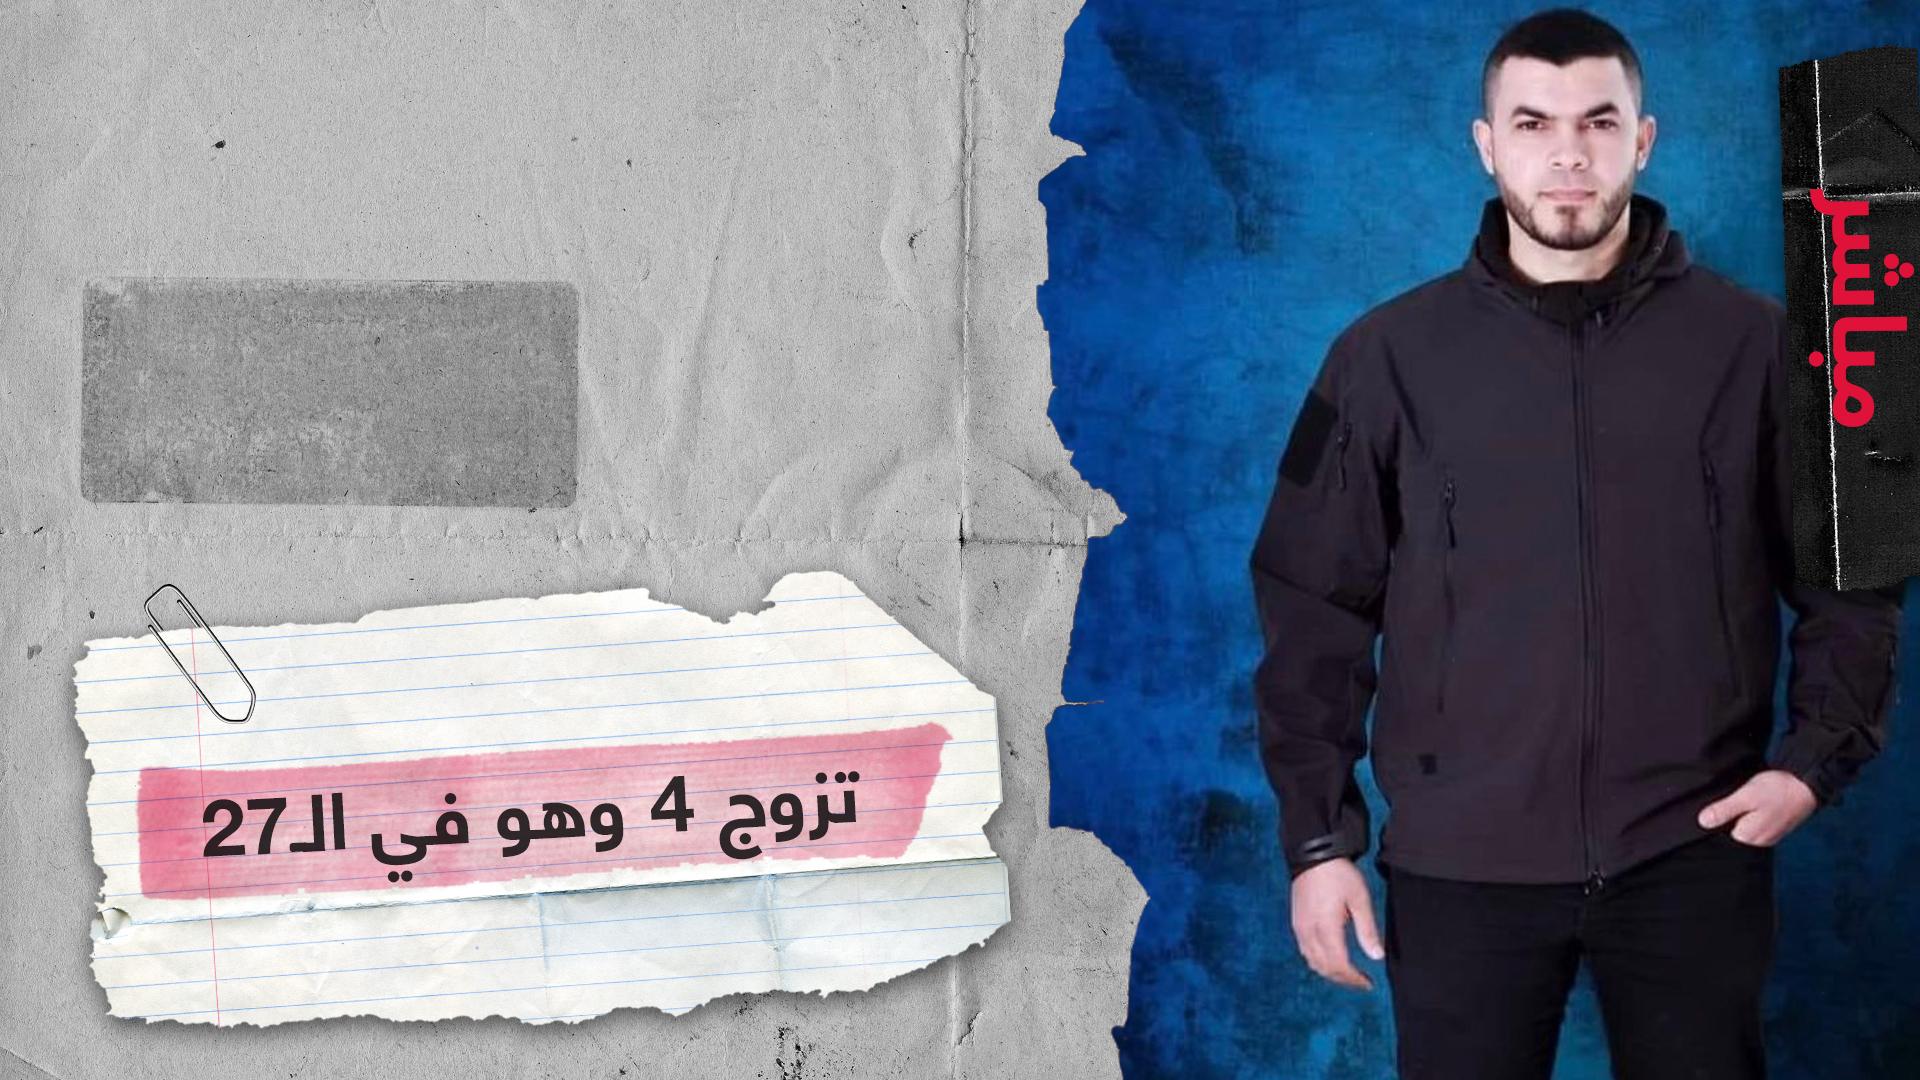 شاب فلسطيني من قطاع غزة تزوج 4 نساء وهو بعمر 27